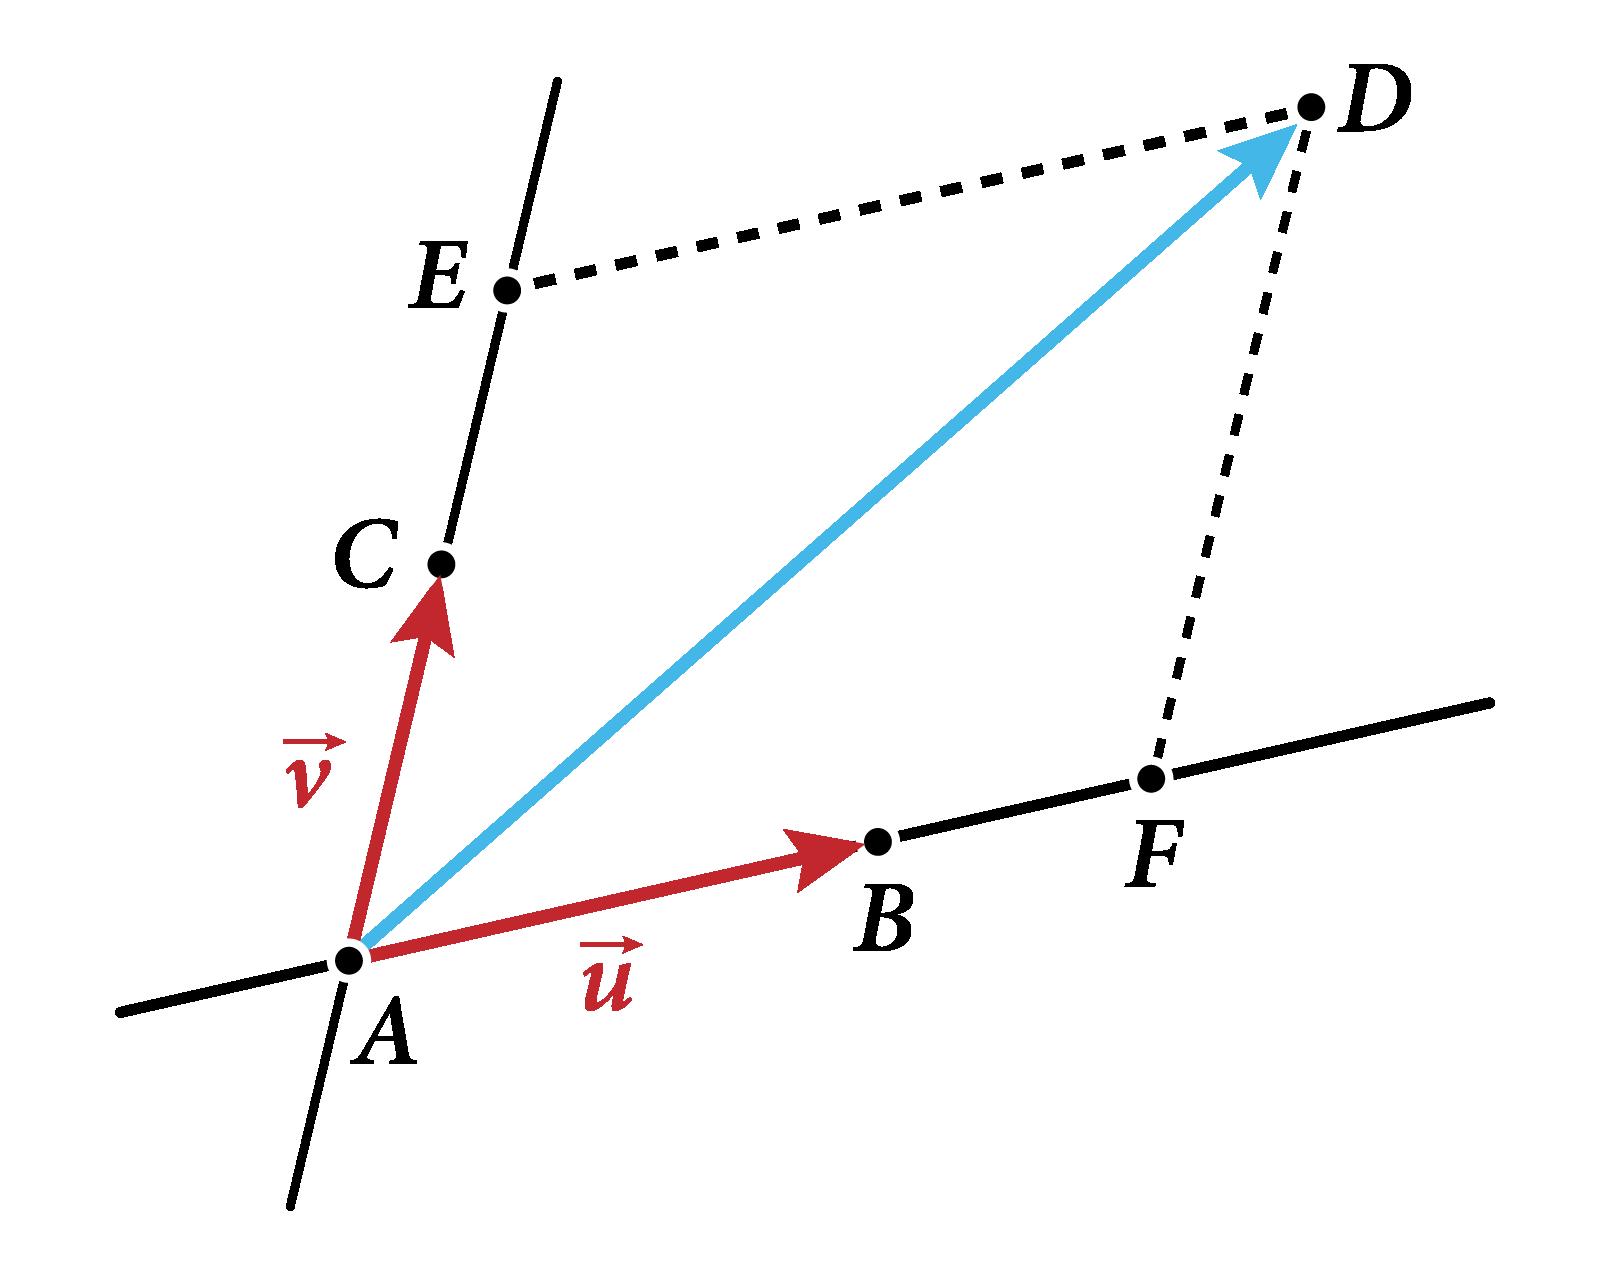 Tout vecteur du plan peut s'exprimer en fonction de deux vecteurs non colinéaires